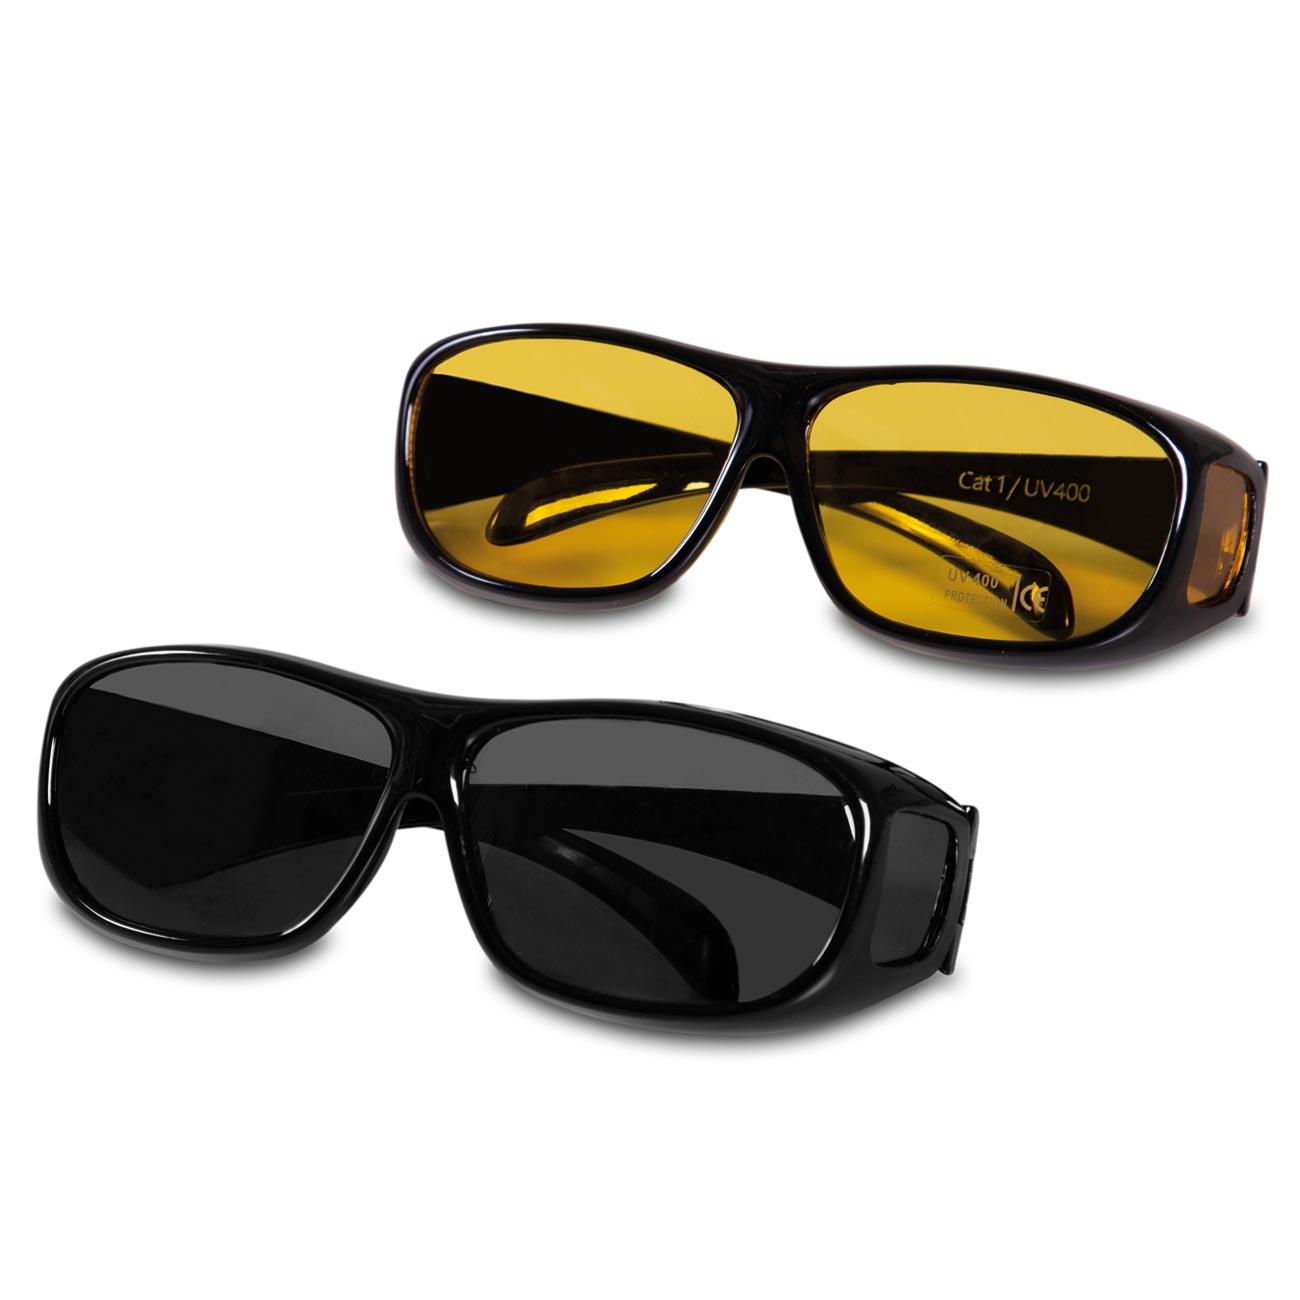 Set bestehend aus einer Sonnen- und einer Nachtsichtbrille